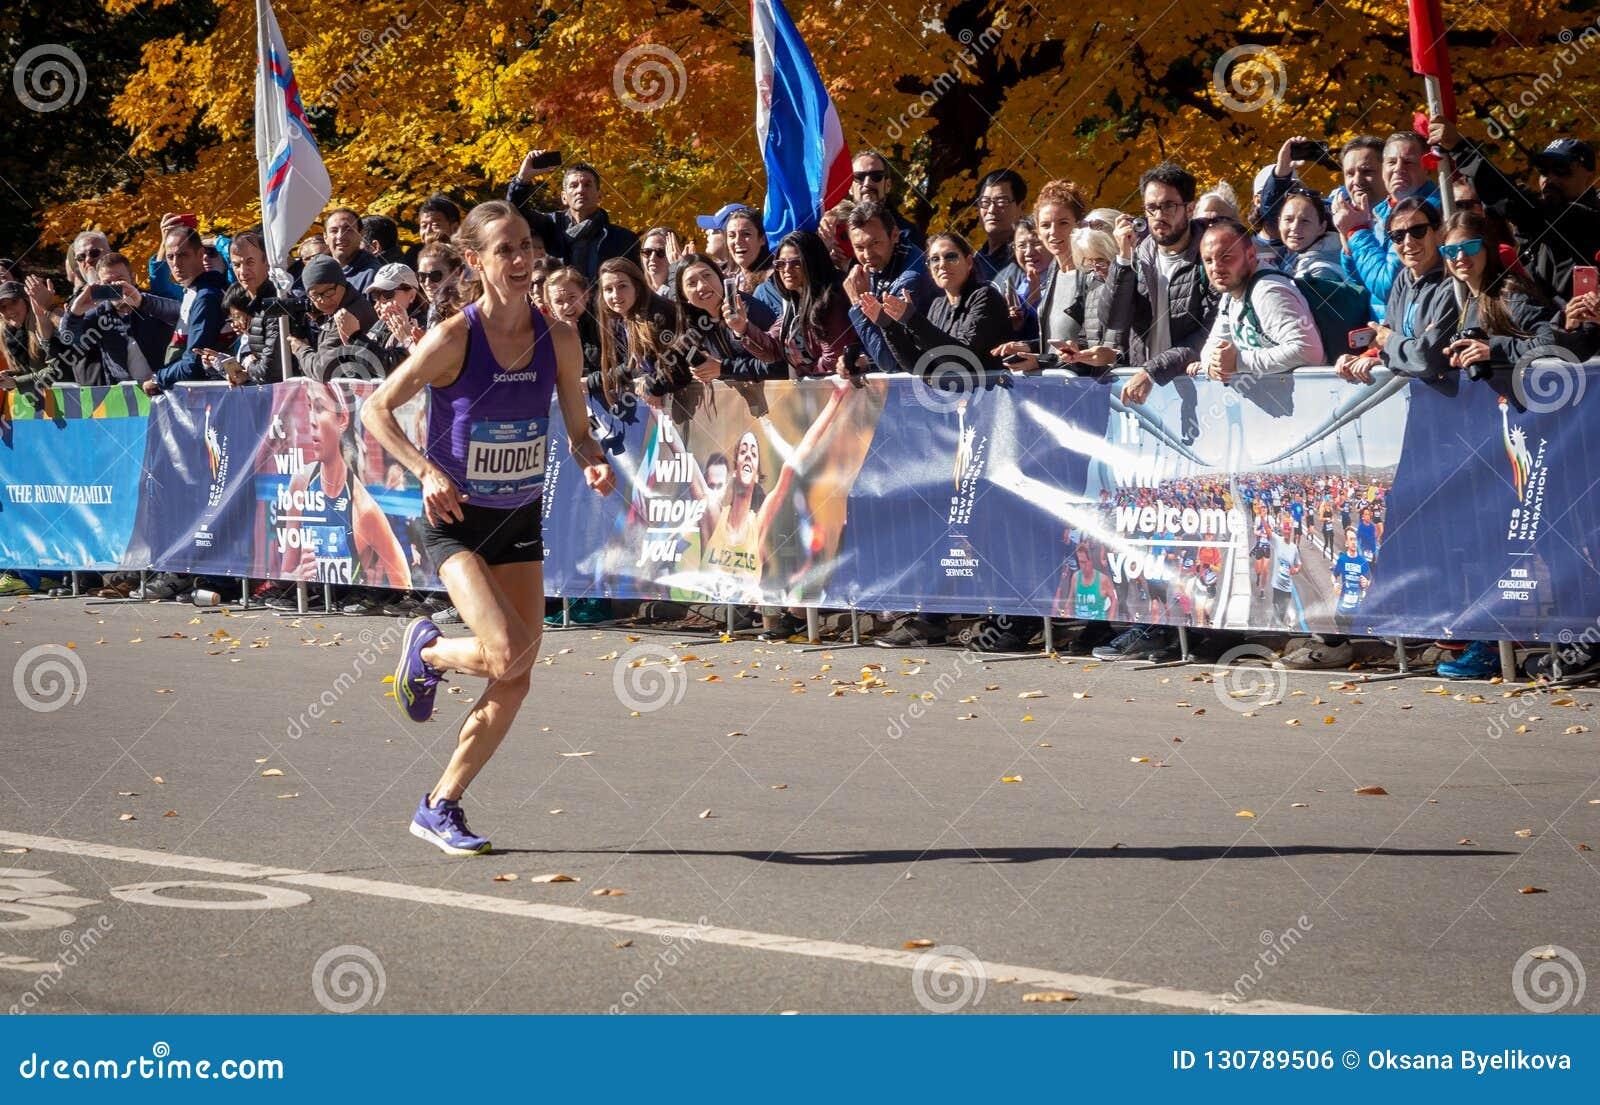 Roczny Miasto Nowy Jork maraton